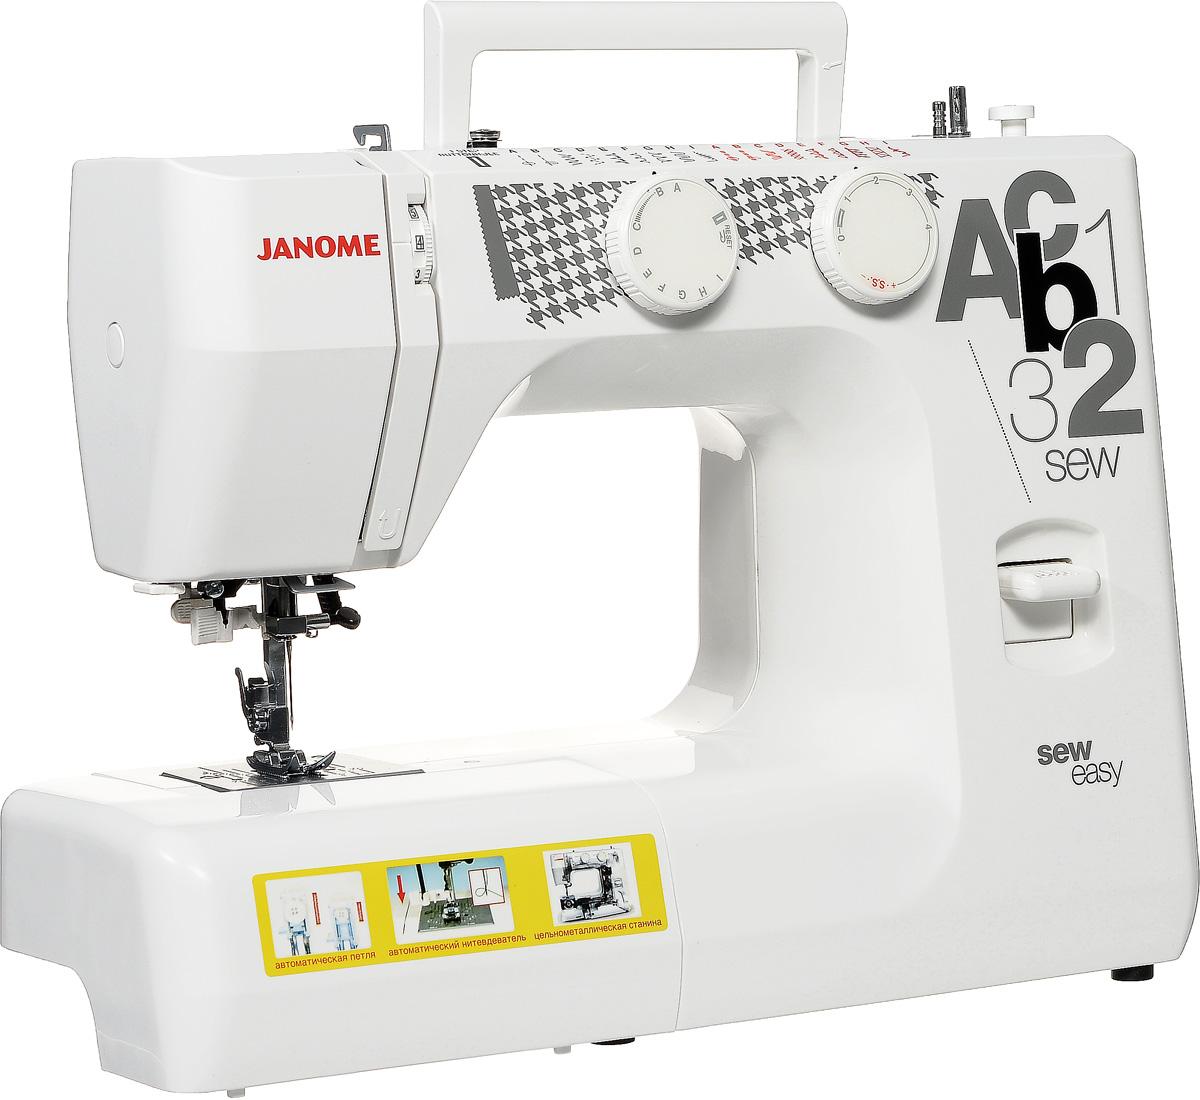 Janome Sew Easy швейная машина